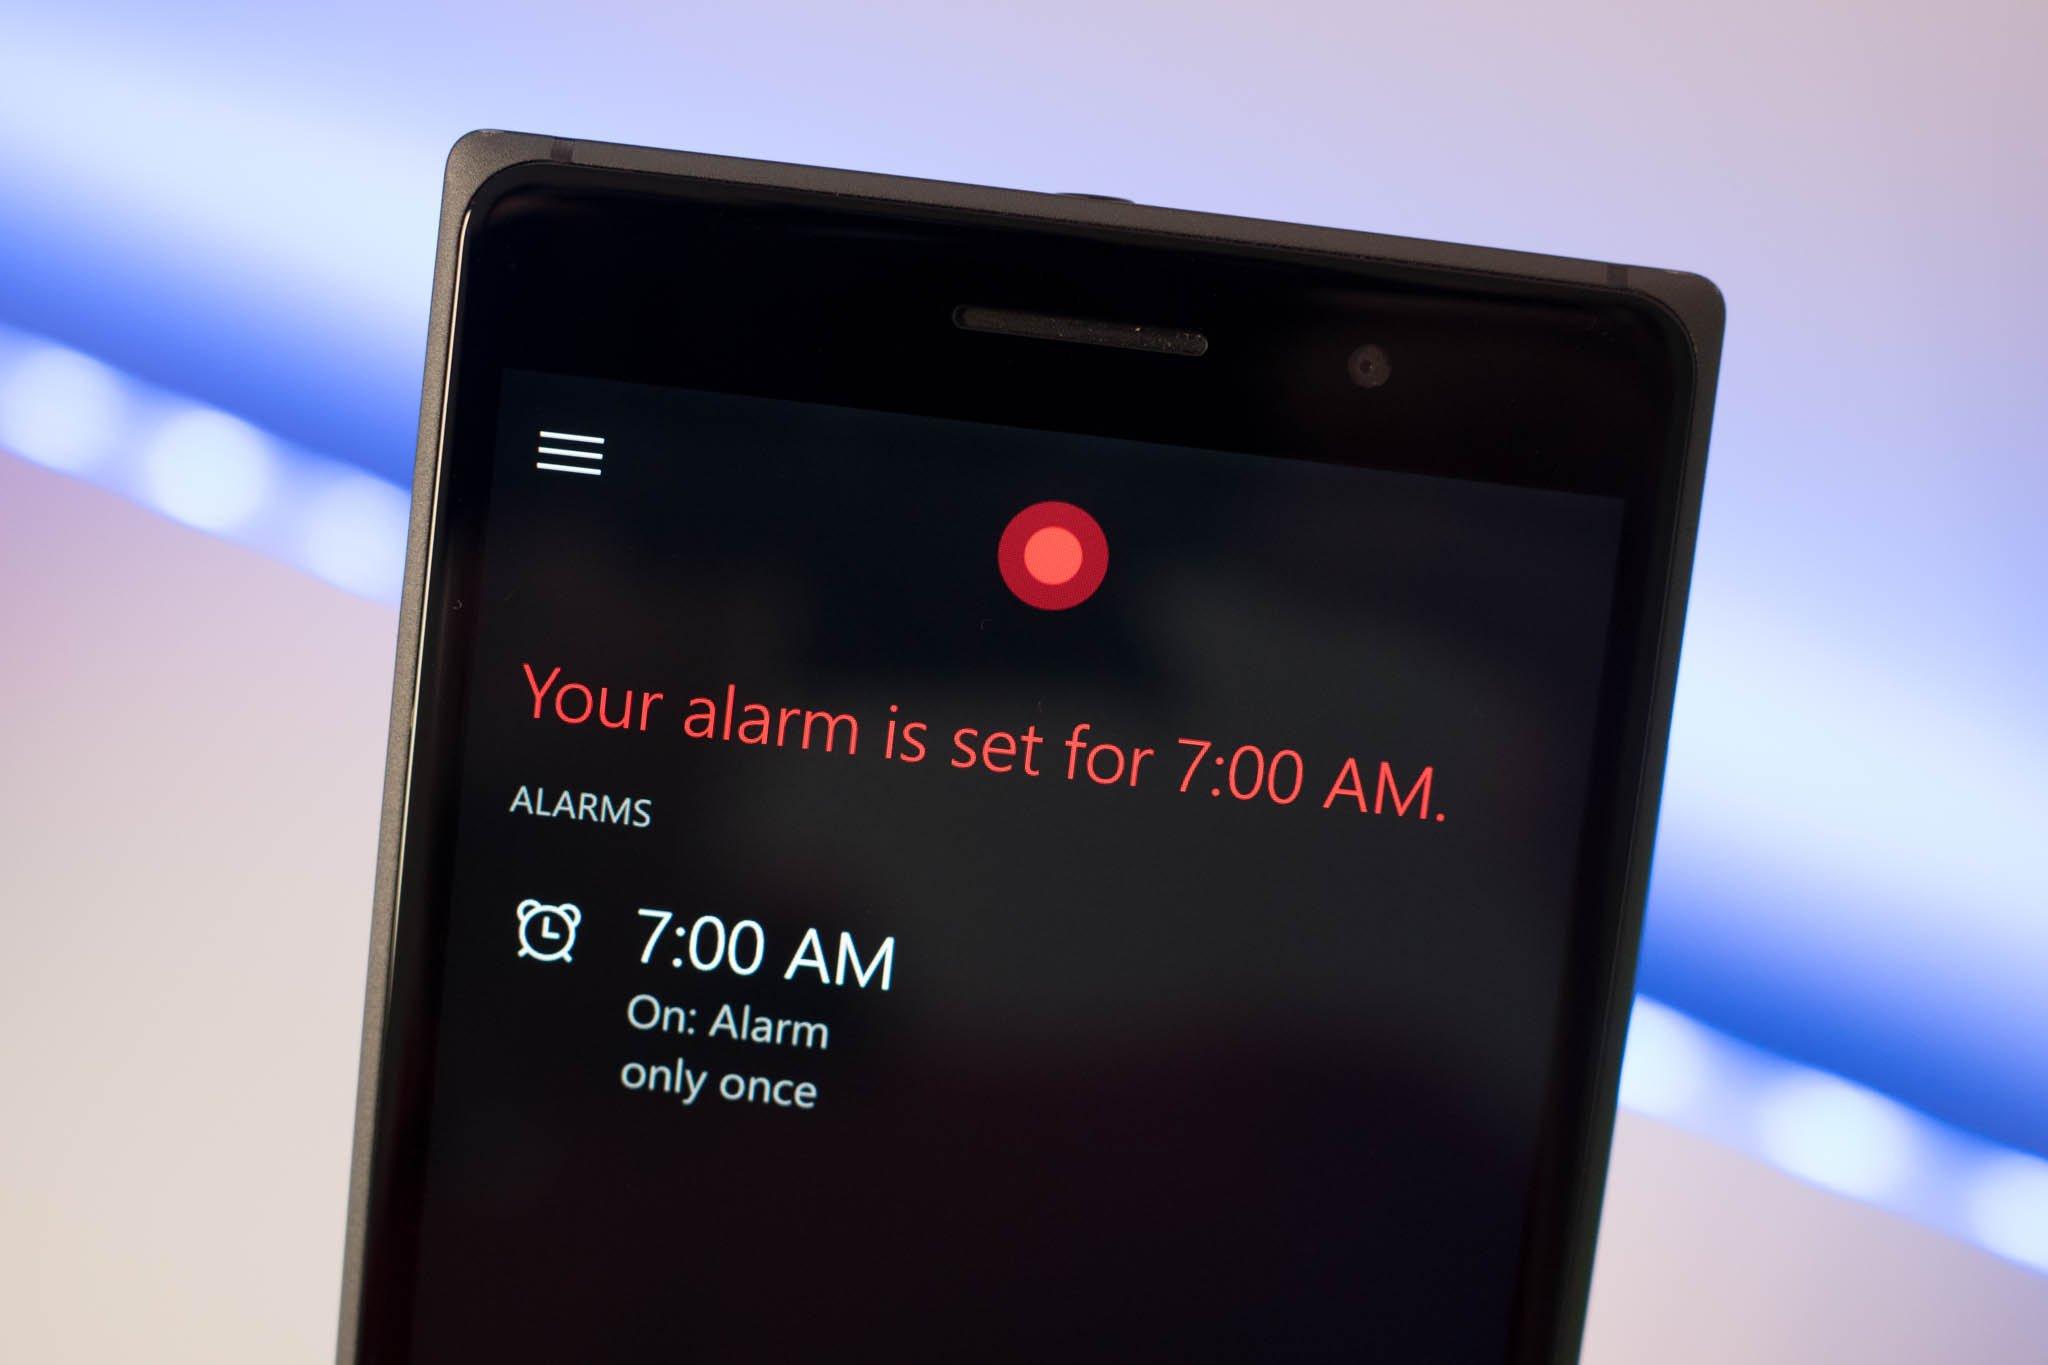 Do I Have Alarm Set